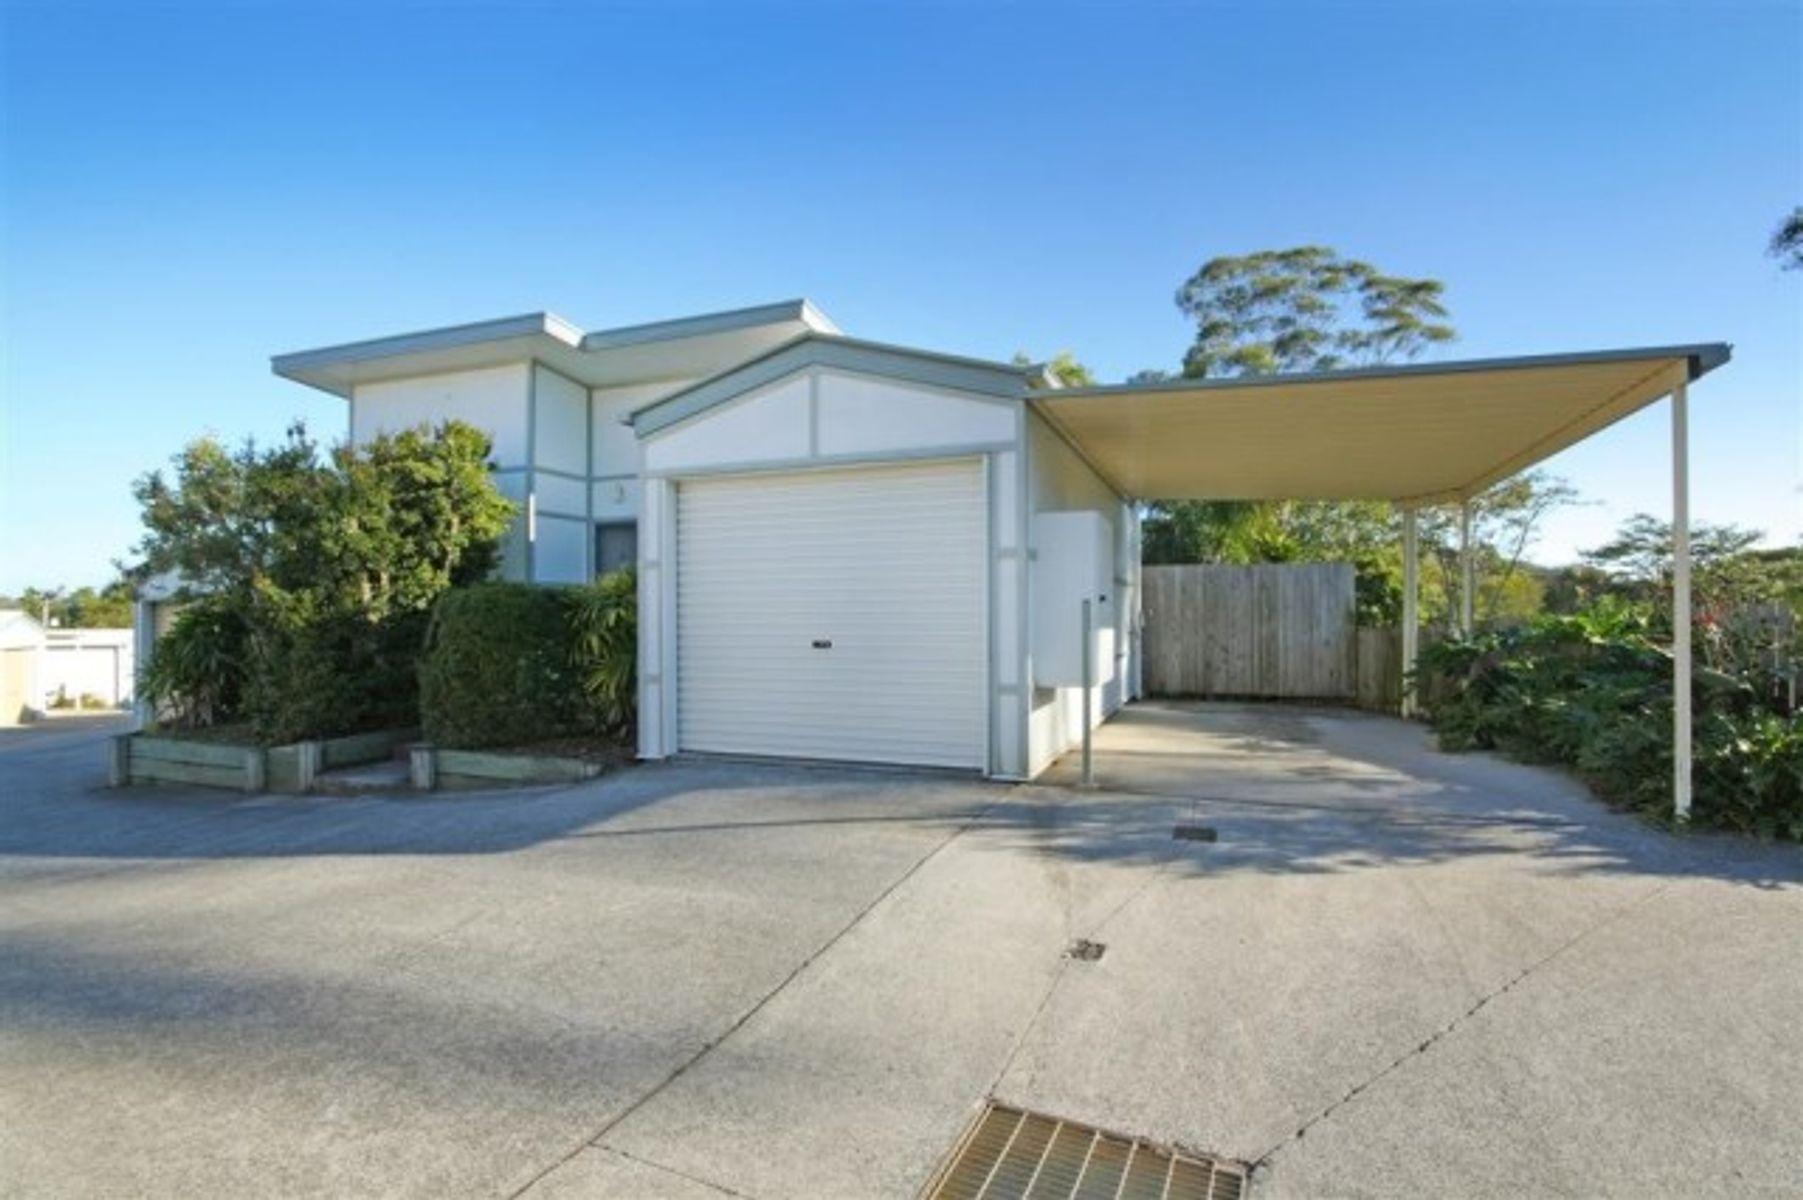 13/17 Pine Camp Road, Beerwah, QLD 4519